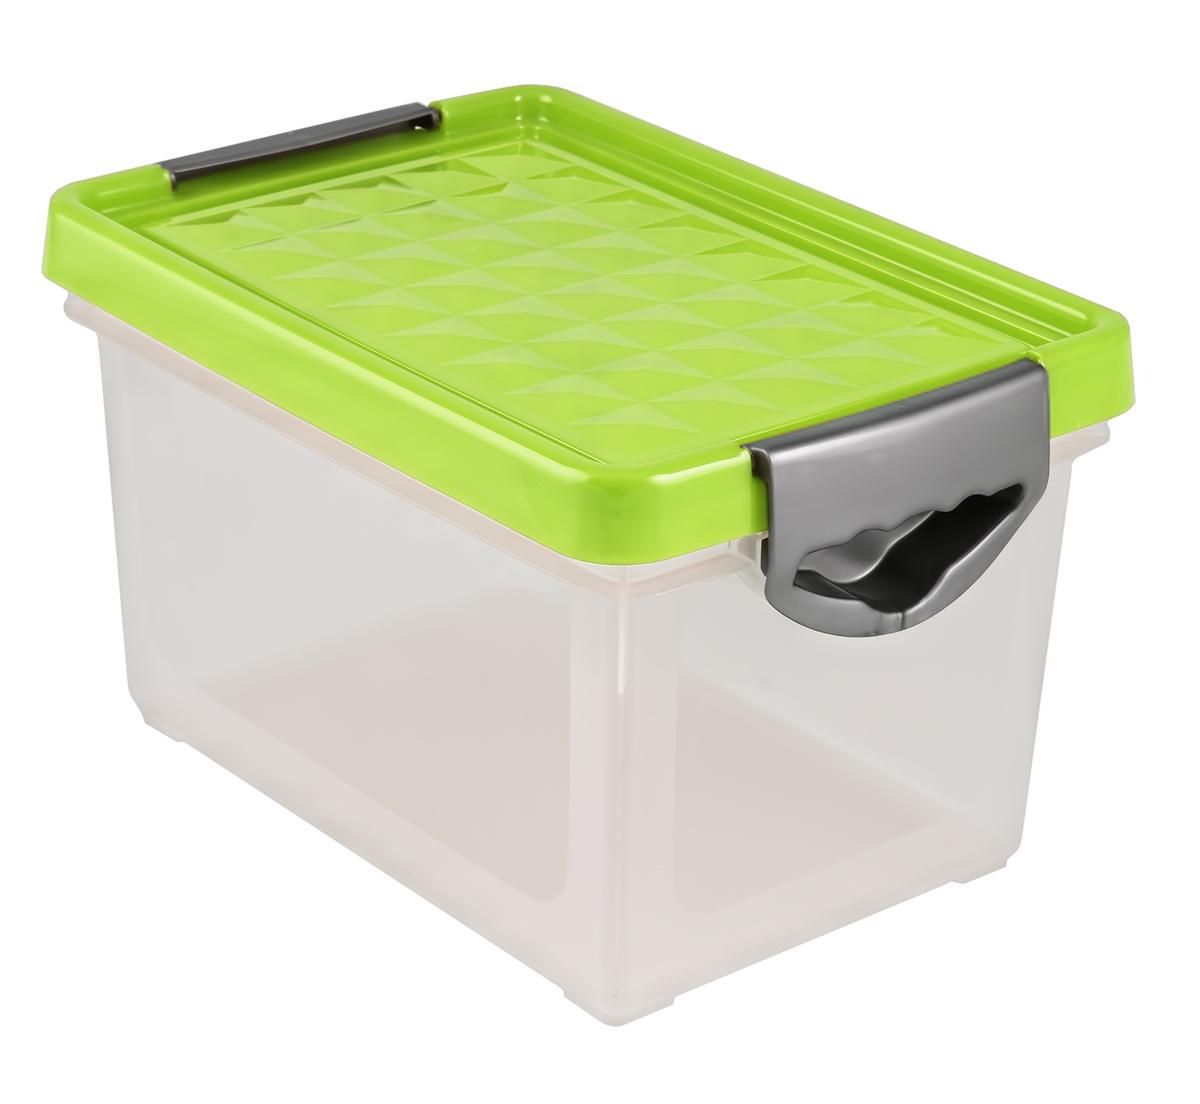 Ящик для хранения BranQ Systema, цвет: зеленый, прозрачный, 5,1 лPARIS 75015-8C ANTIQUEУниверсальный ящик для хранения BranQ Systema, выполненный из прочного пластика, поможет правильно организовать пространство в доме и сэкономить место. В нем можно хранить все, что угодно: одежду, обувь, детские игрушки и многое другое. Прочный каркас ящика позволит хранить как легкие вещи, так и переносить собранный урожай овощей или фруктов. Изделие оснащено крышкой, которая защитит вещи от пыли, грязи и влаги.Эргономичные ручки-защелки, позволяют переносить ящик как с крышкой, так и без нее.